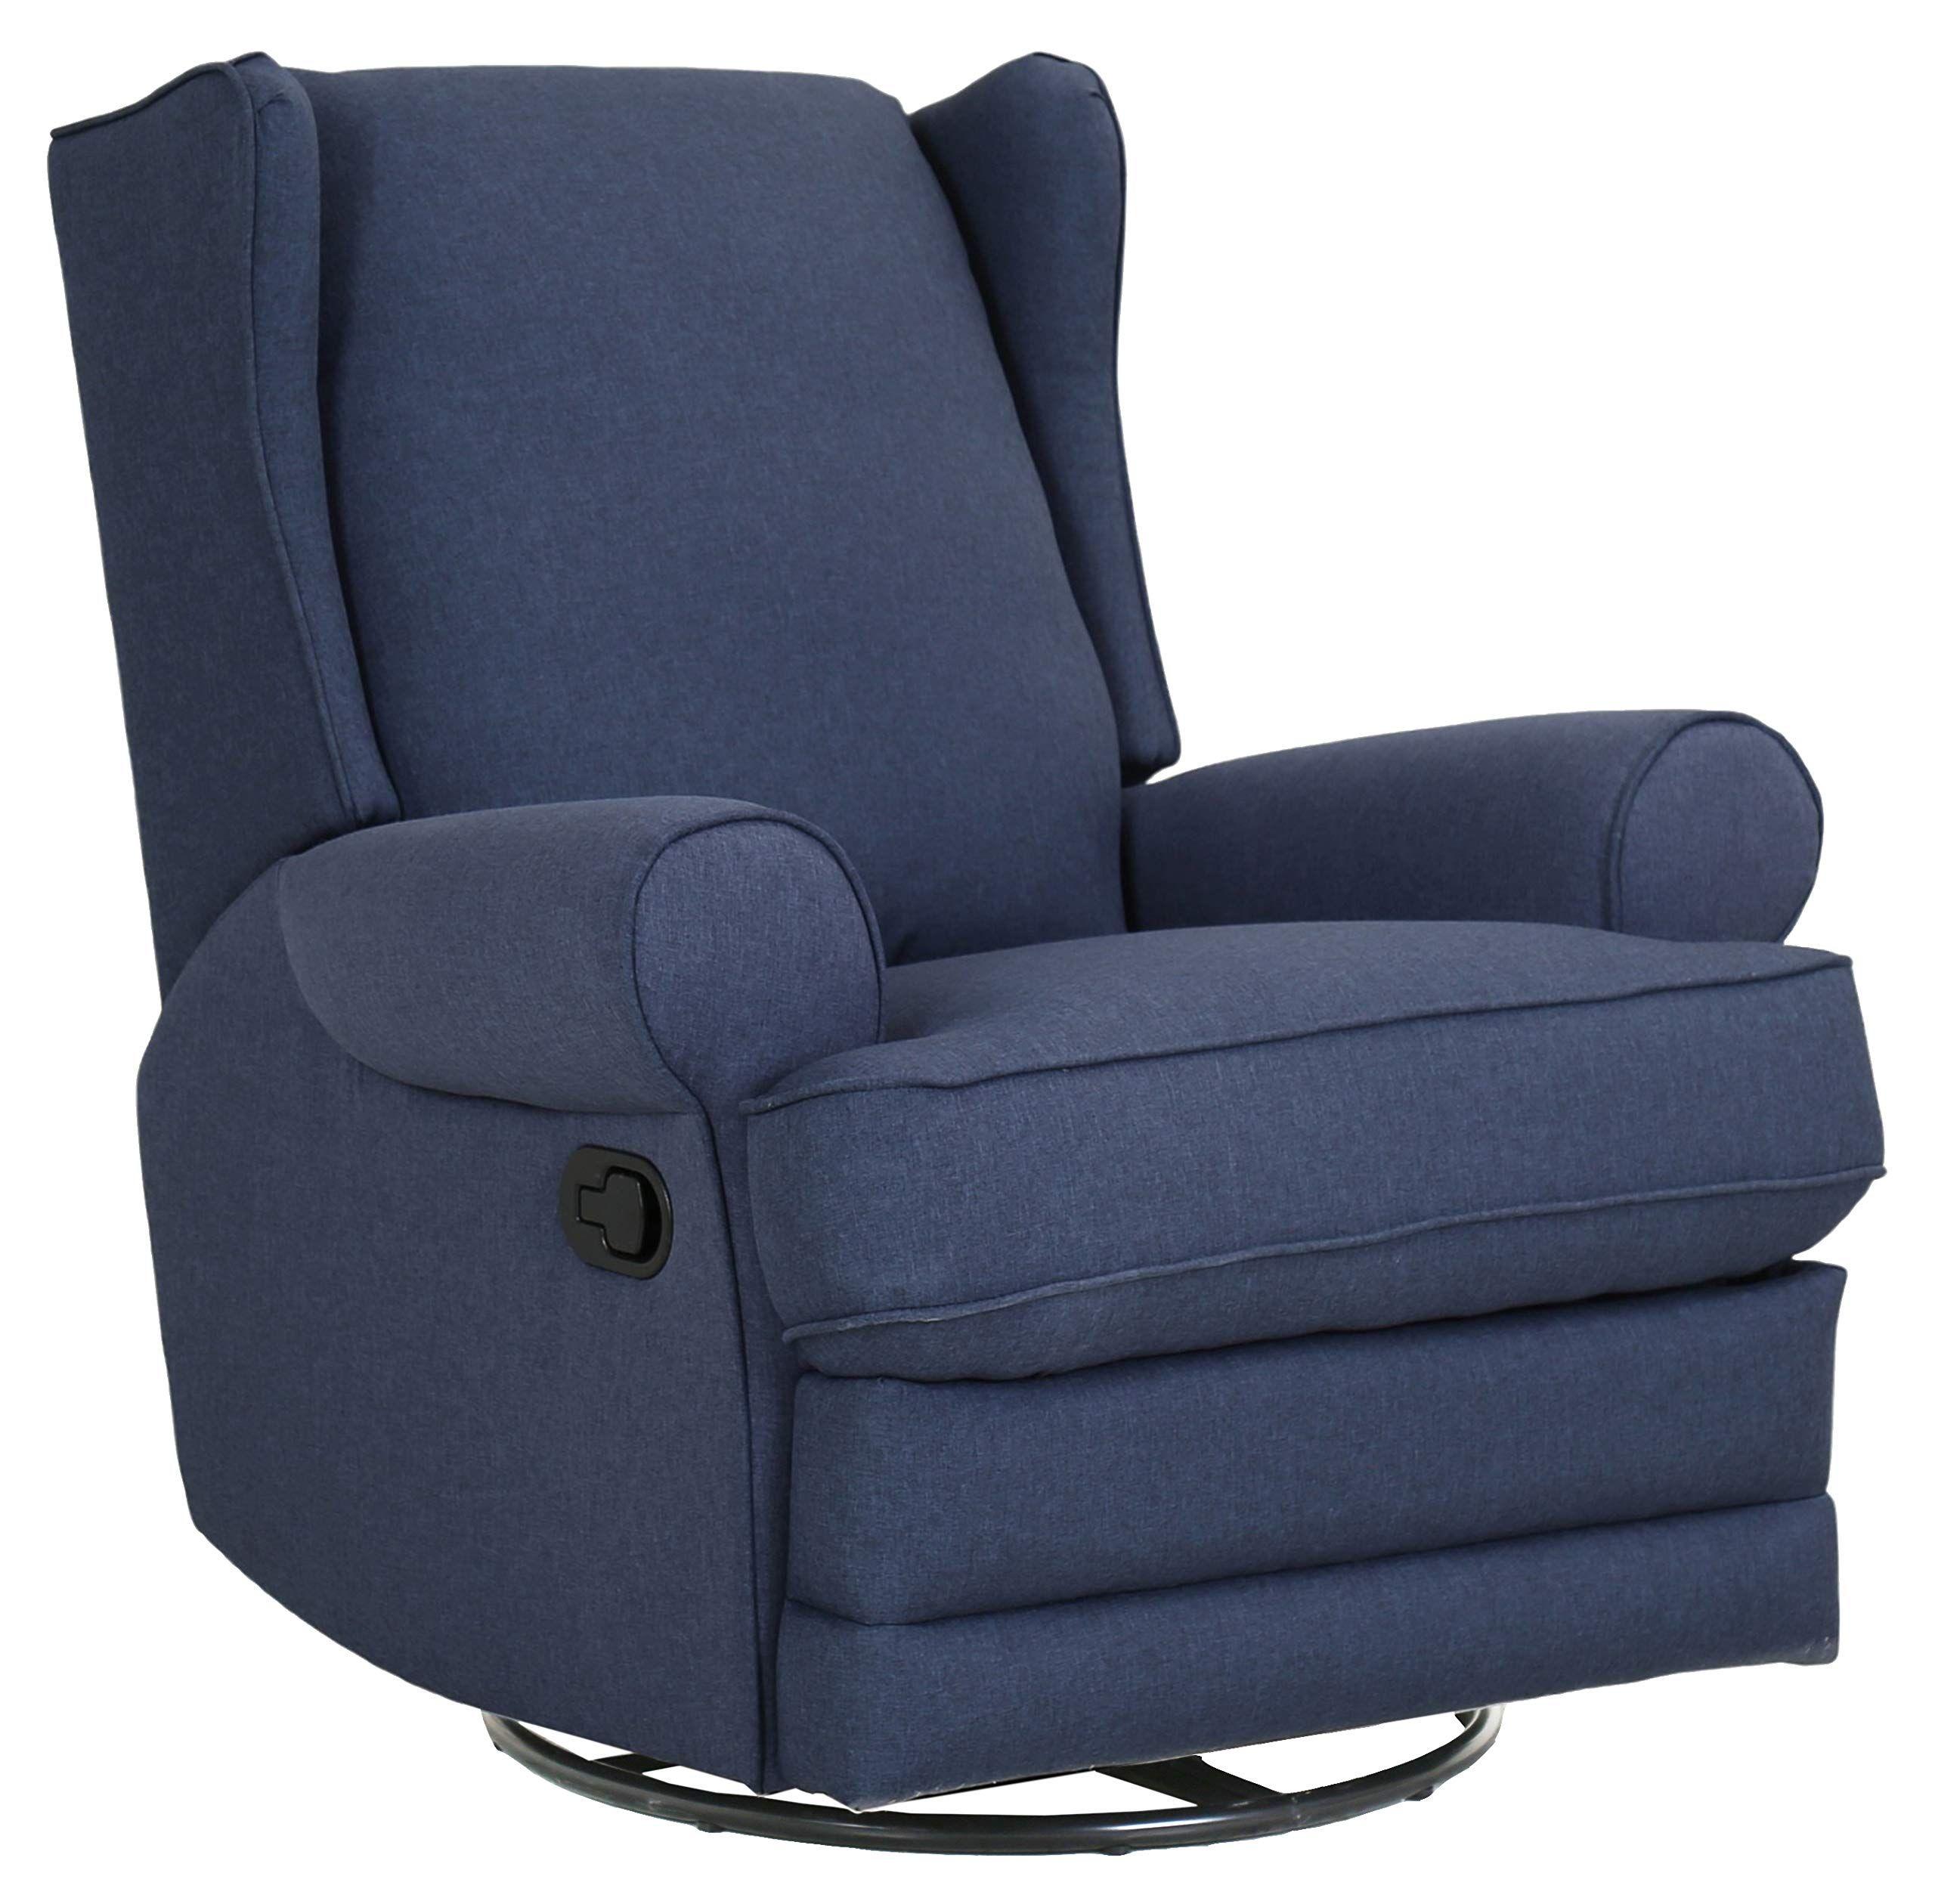 Ravenna Home Manning Swivel Base Recliner 34 6 Quot W Blue Swivel Rocker Recliner Chair Recliner Chair Rocker Recliners